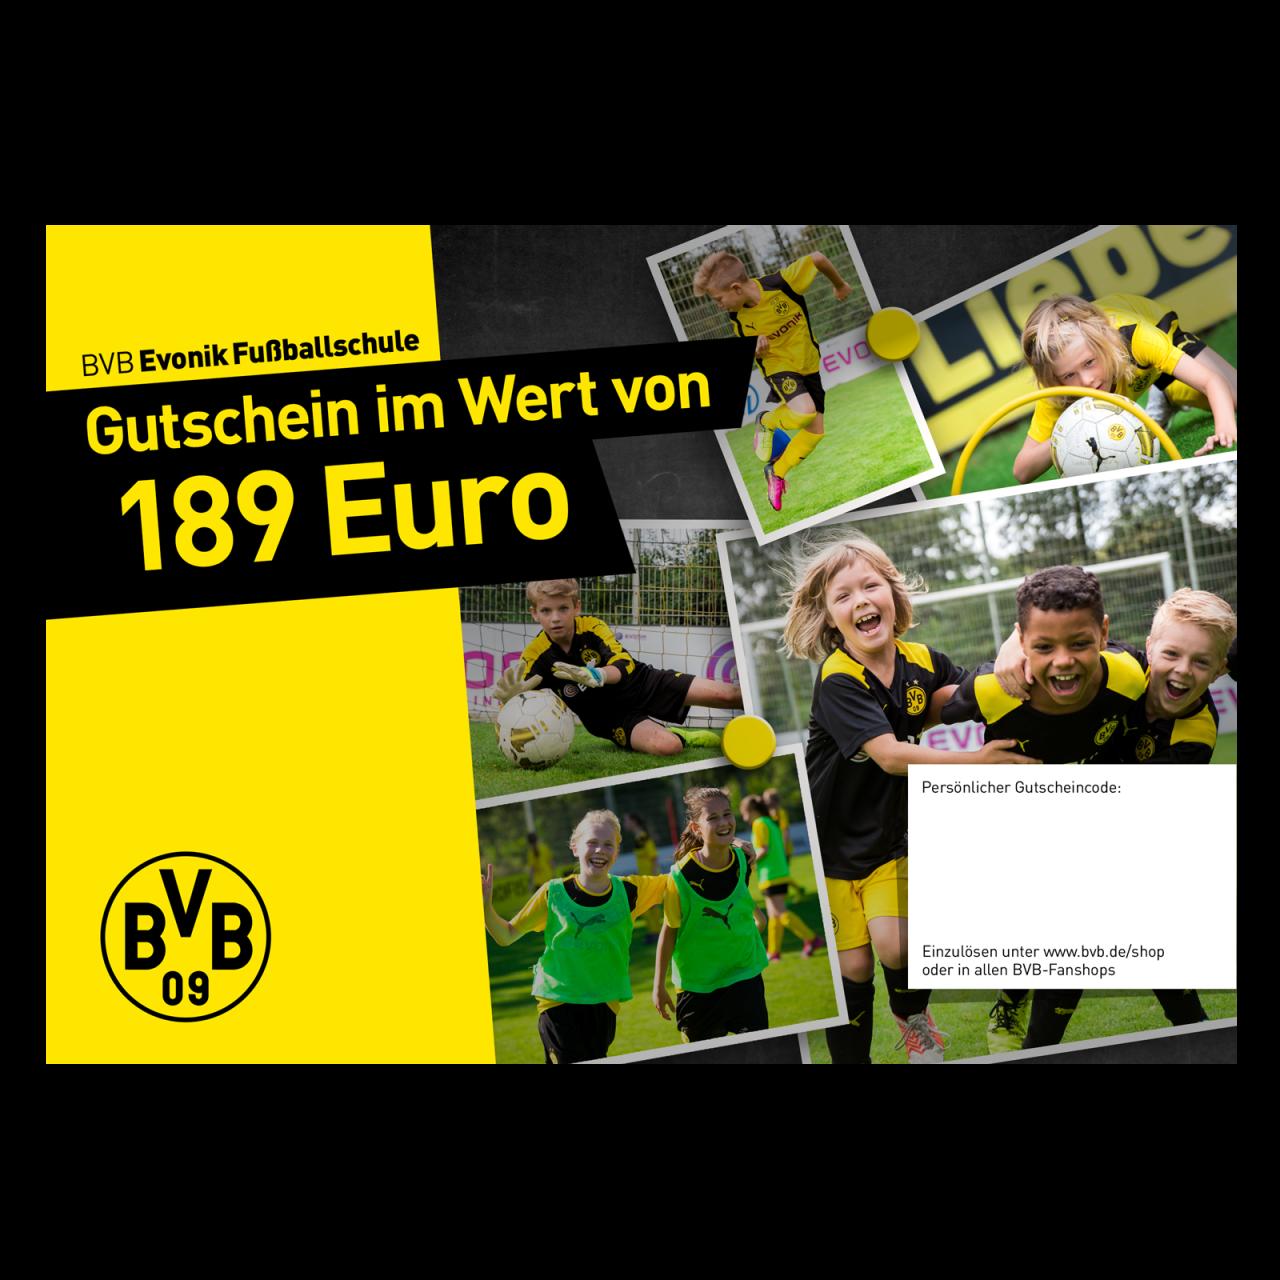 Gutschein Fußballschule Ferienkurs englisch